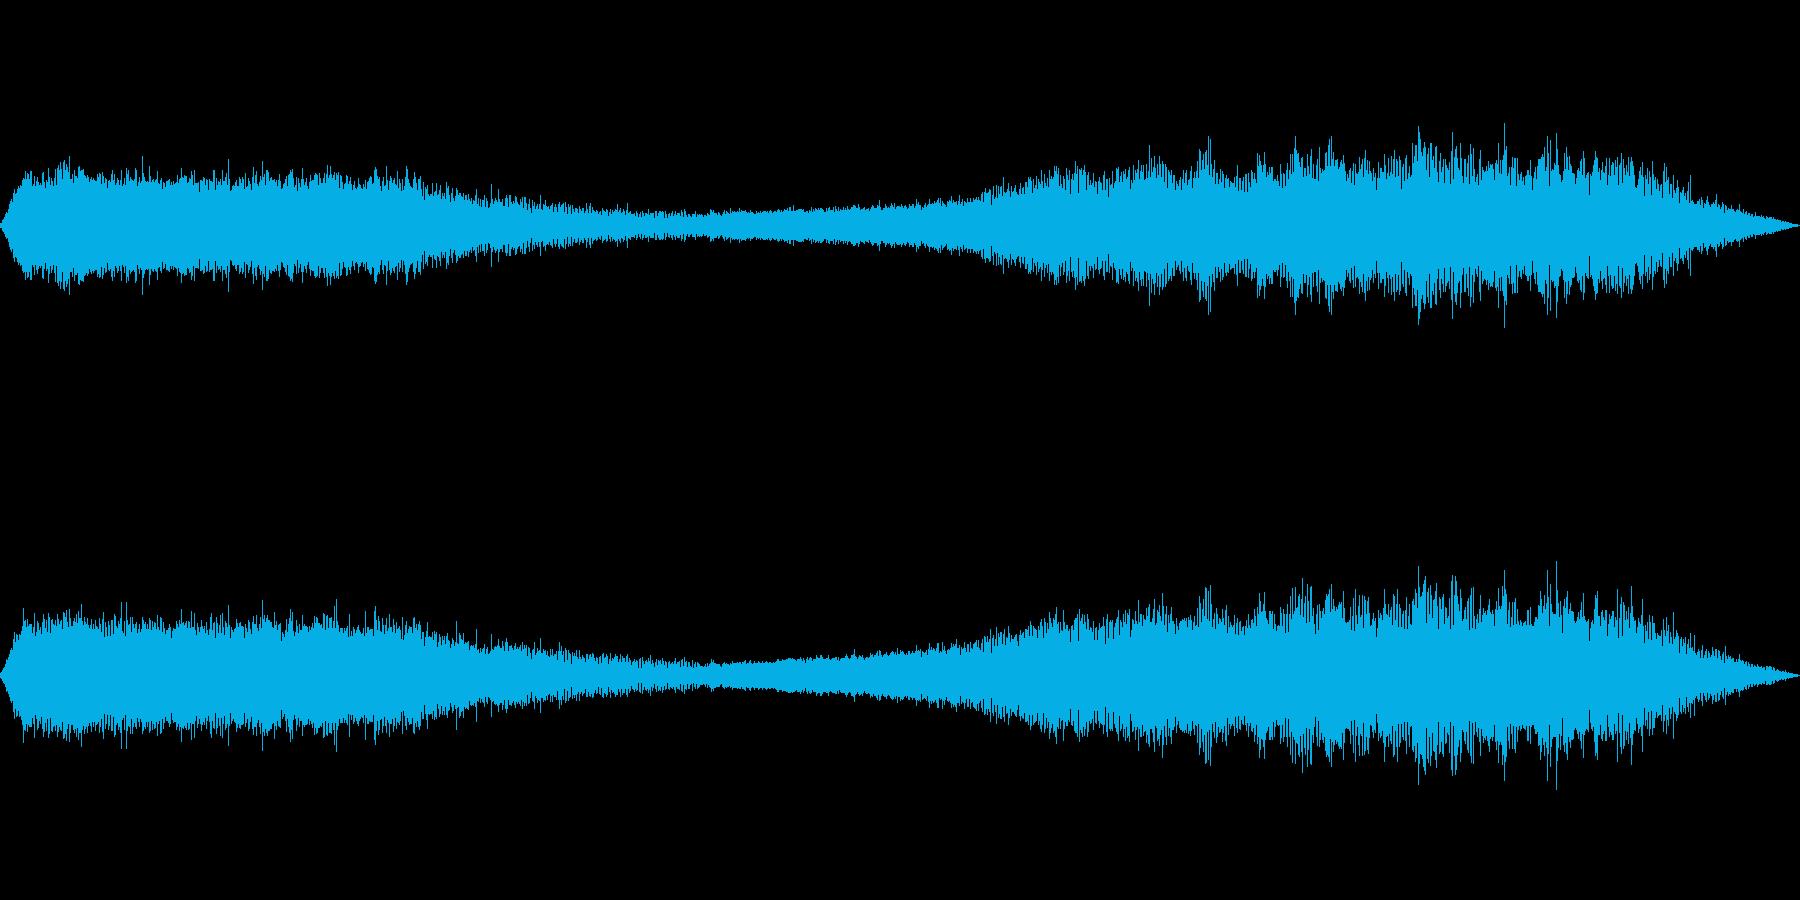 夏の音(セミの鳴き声)の再生済みの波形